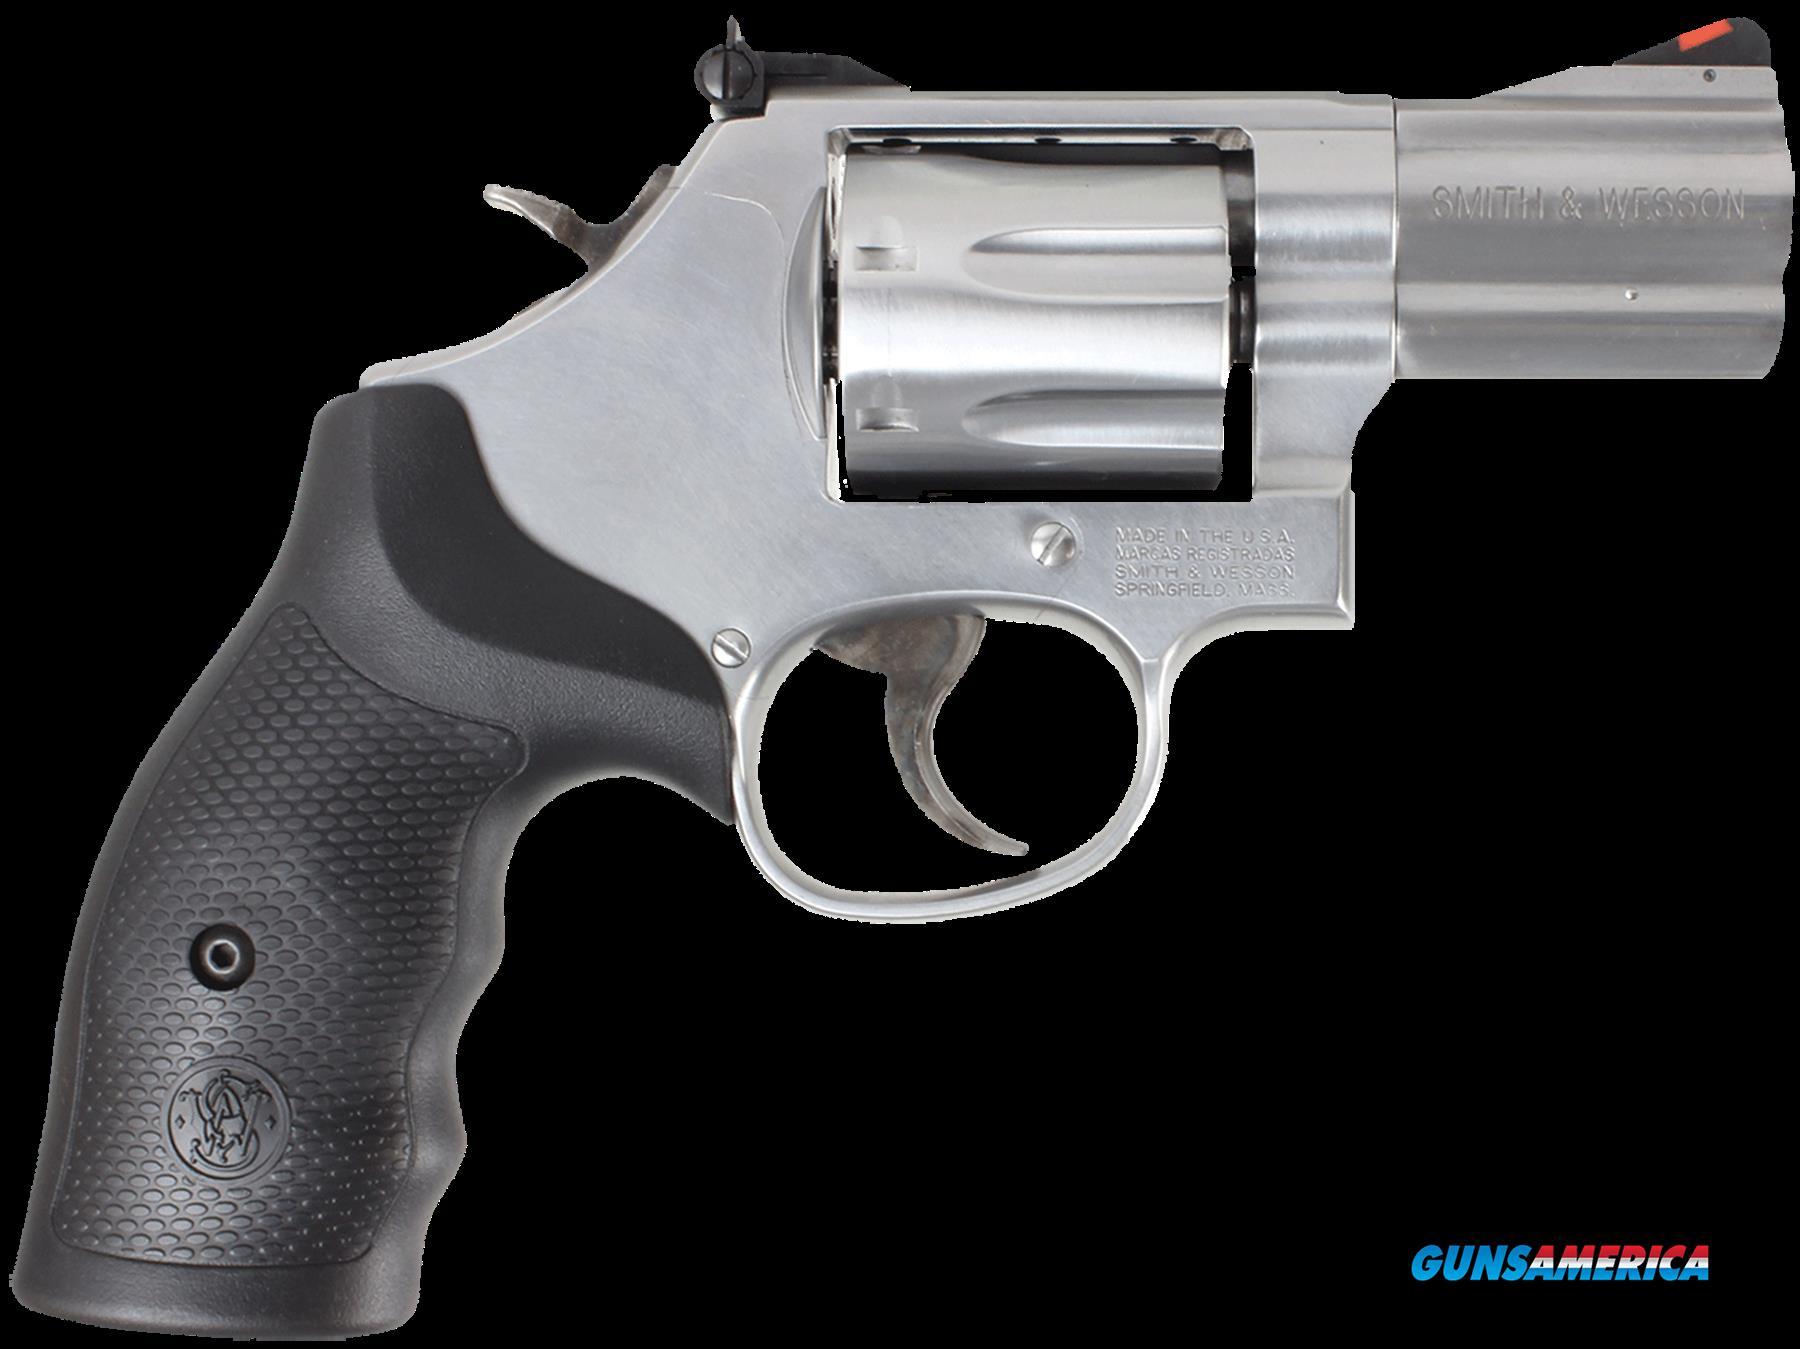 Smith & Wesson 686, S&w M686+     164192 357 2  Rrrb  7r    Ss  Guns > Pistols > 1911 Pistol Copies (non-Colt)